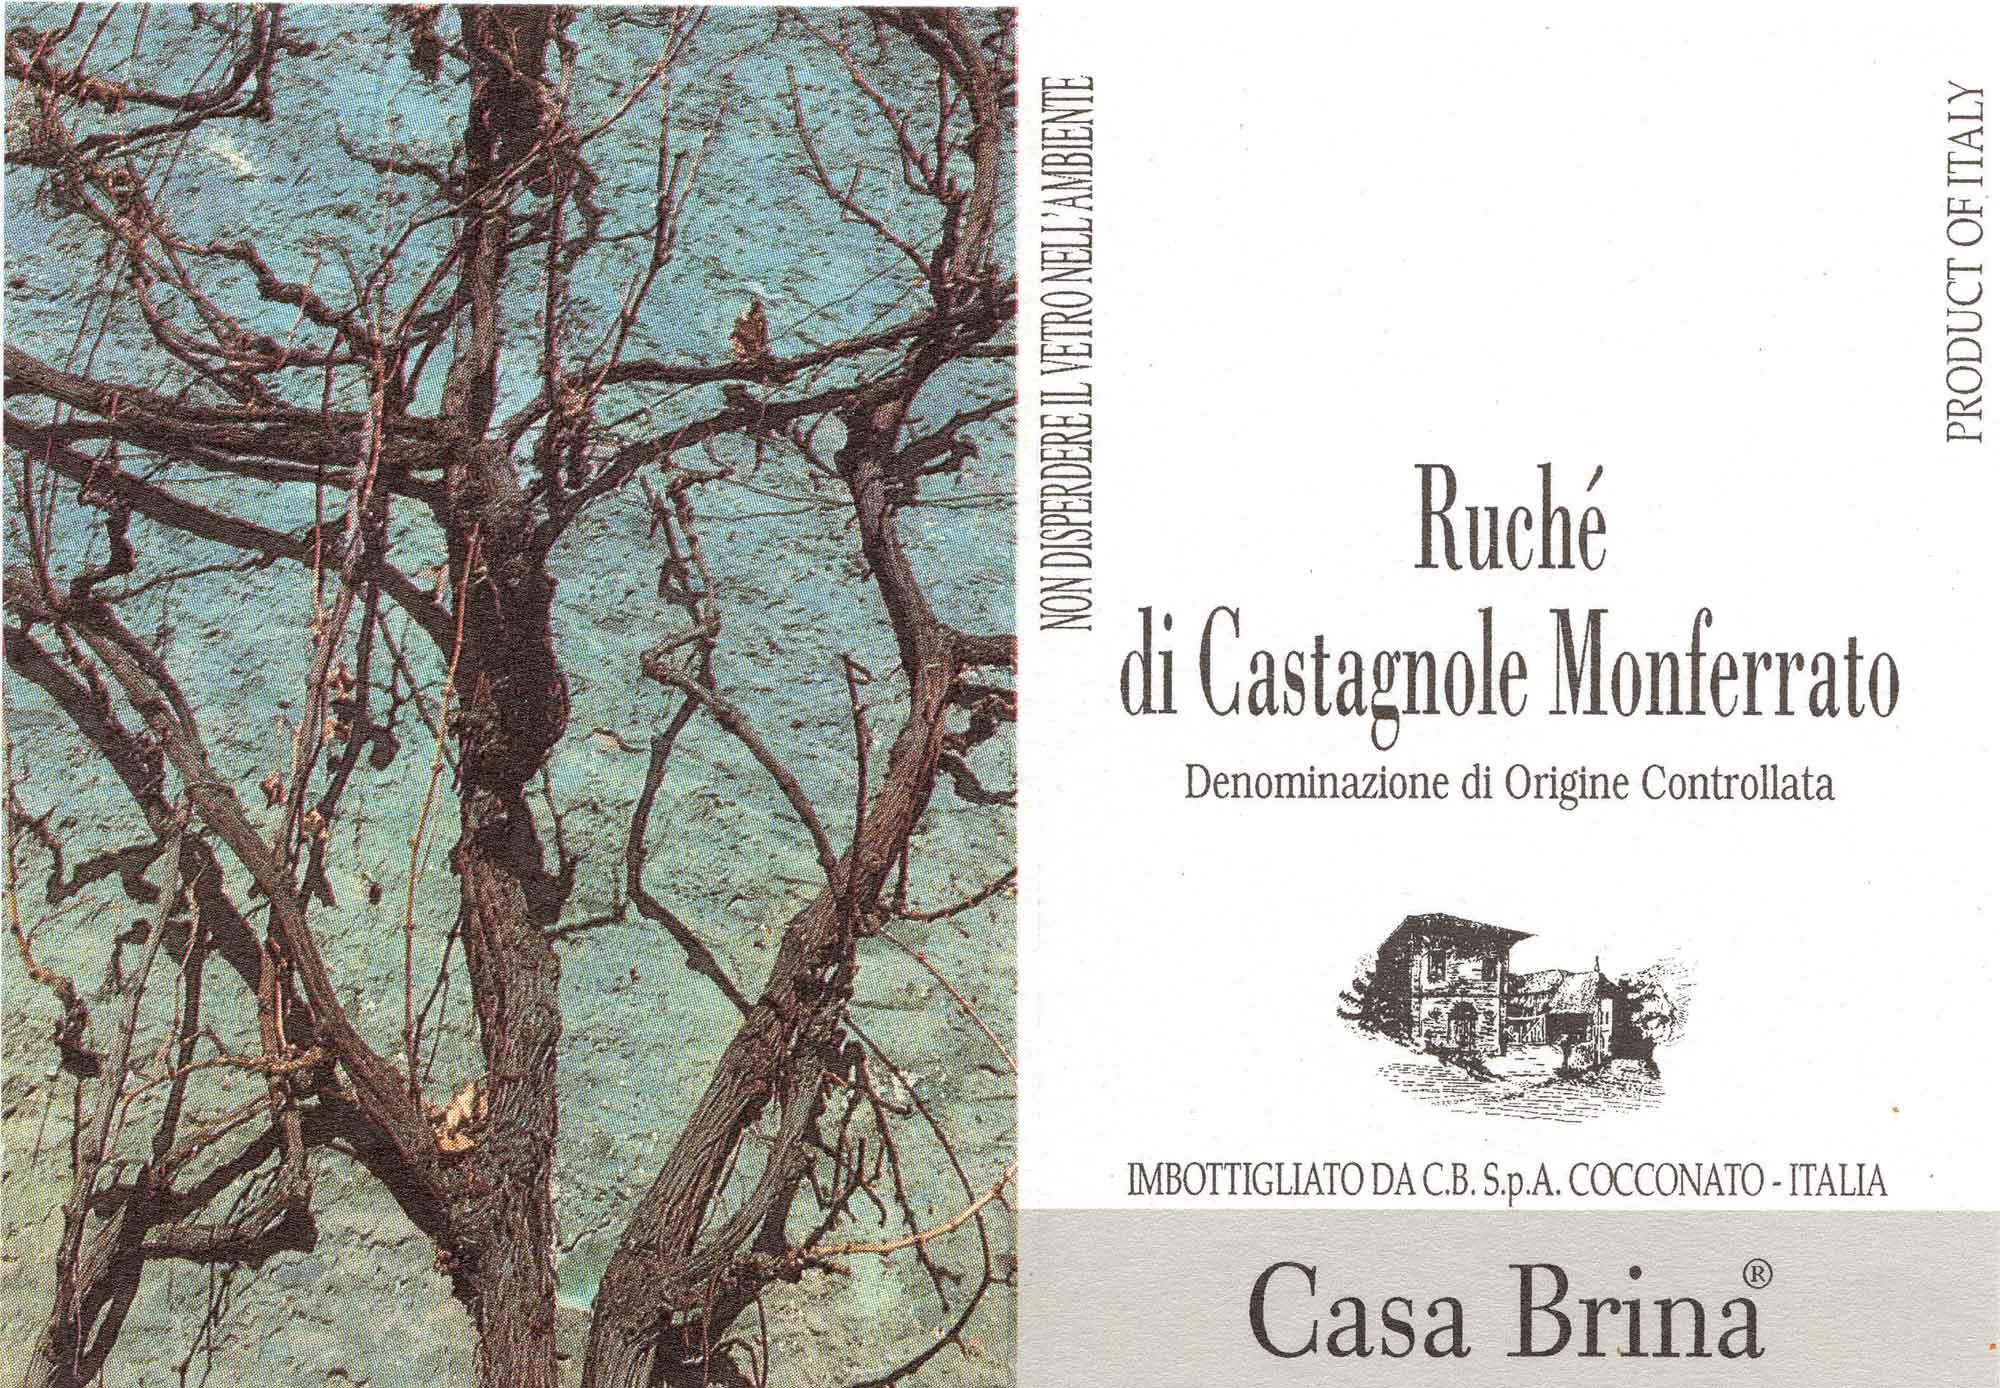 Casa Brina Ruchè di Castagnole Monferrato DOCG